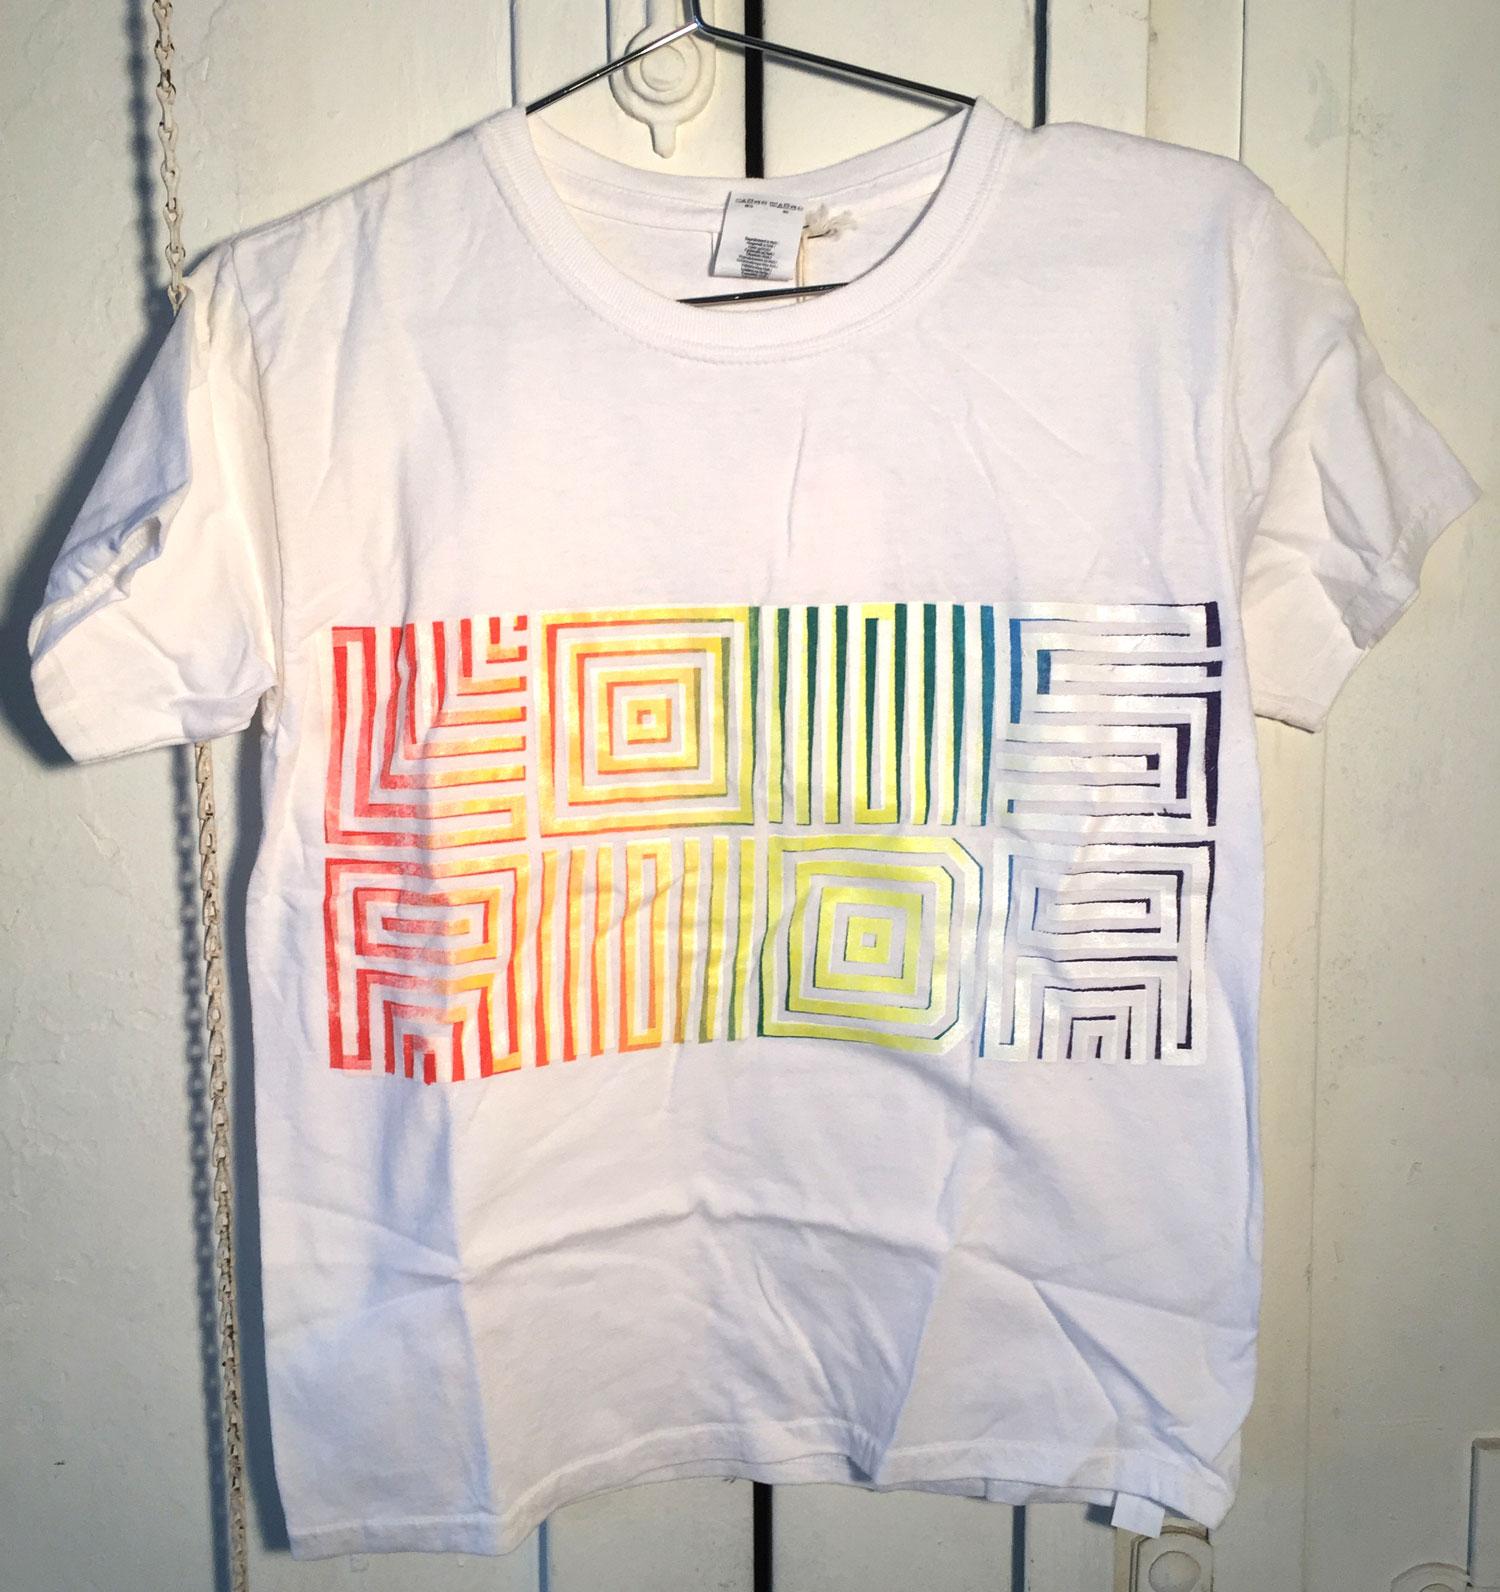 Loisaida_shirt